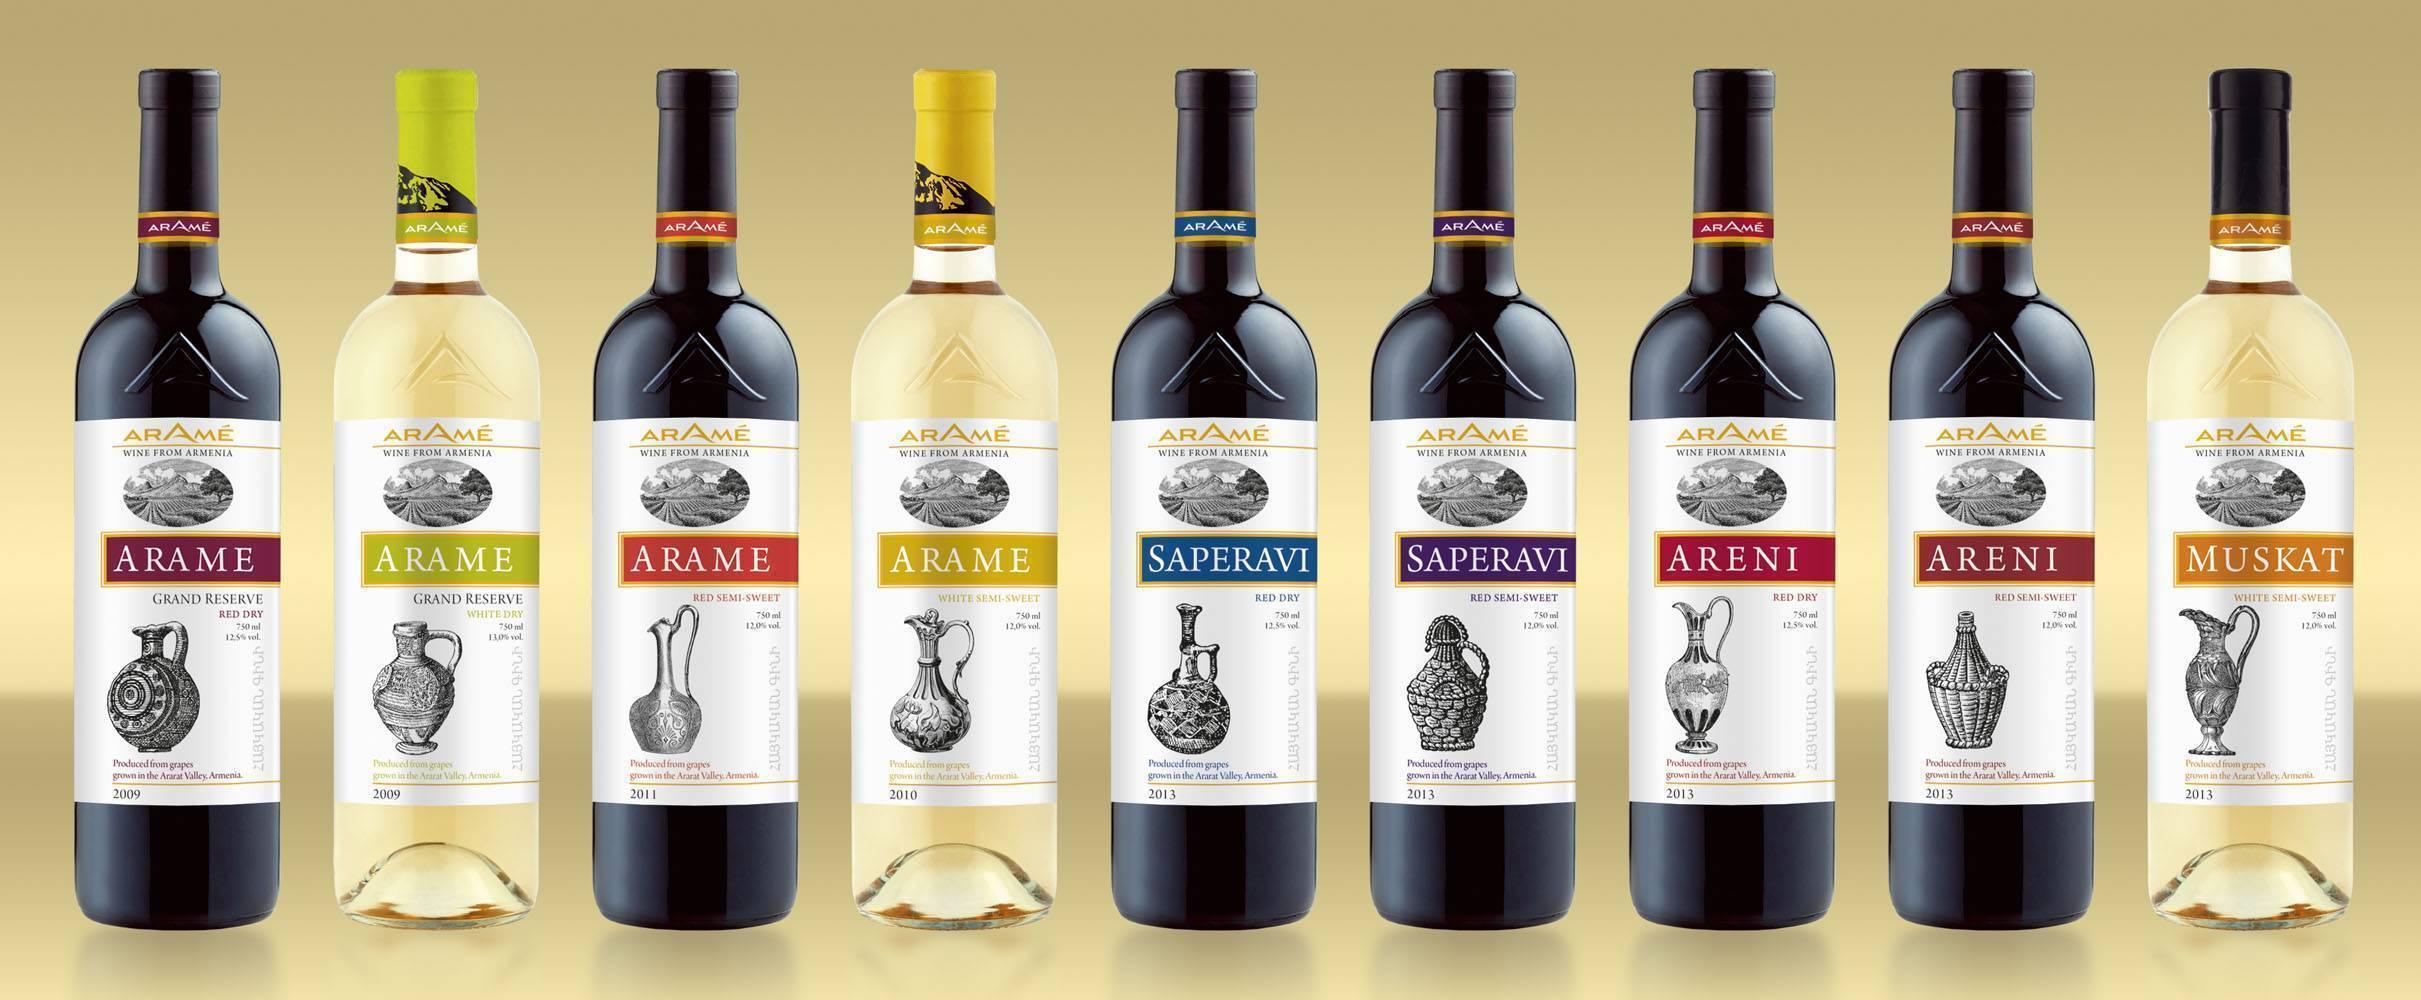 Армянское вино – какое выбрать и купить. фото, видео.